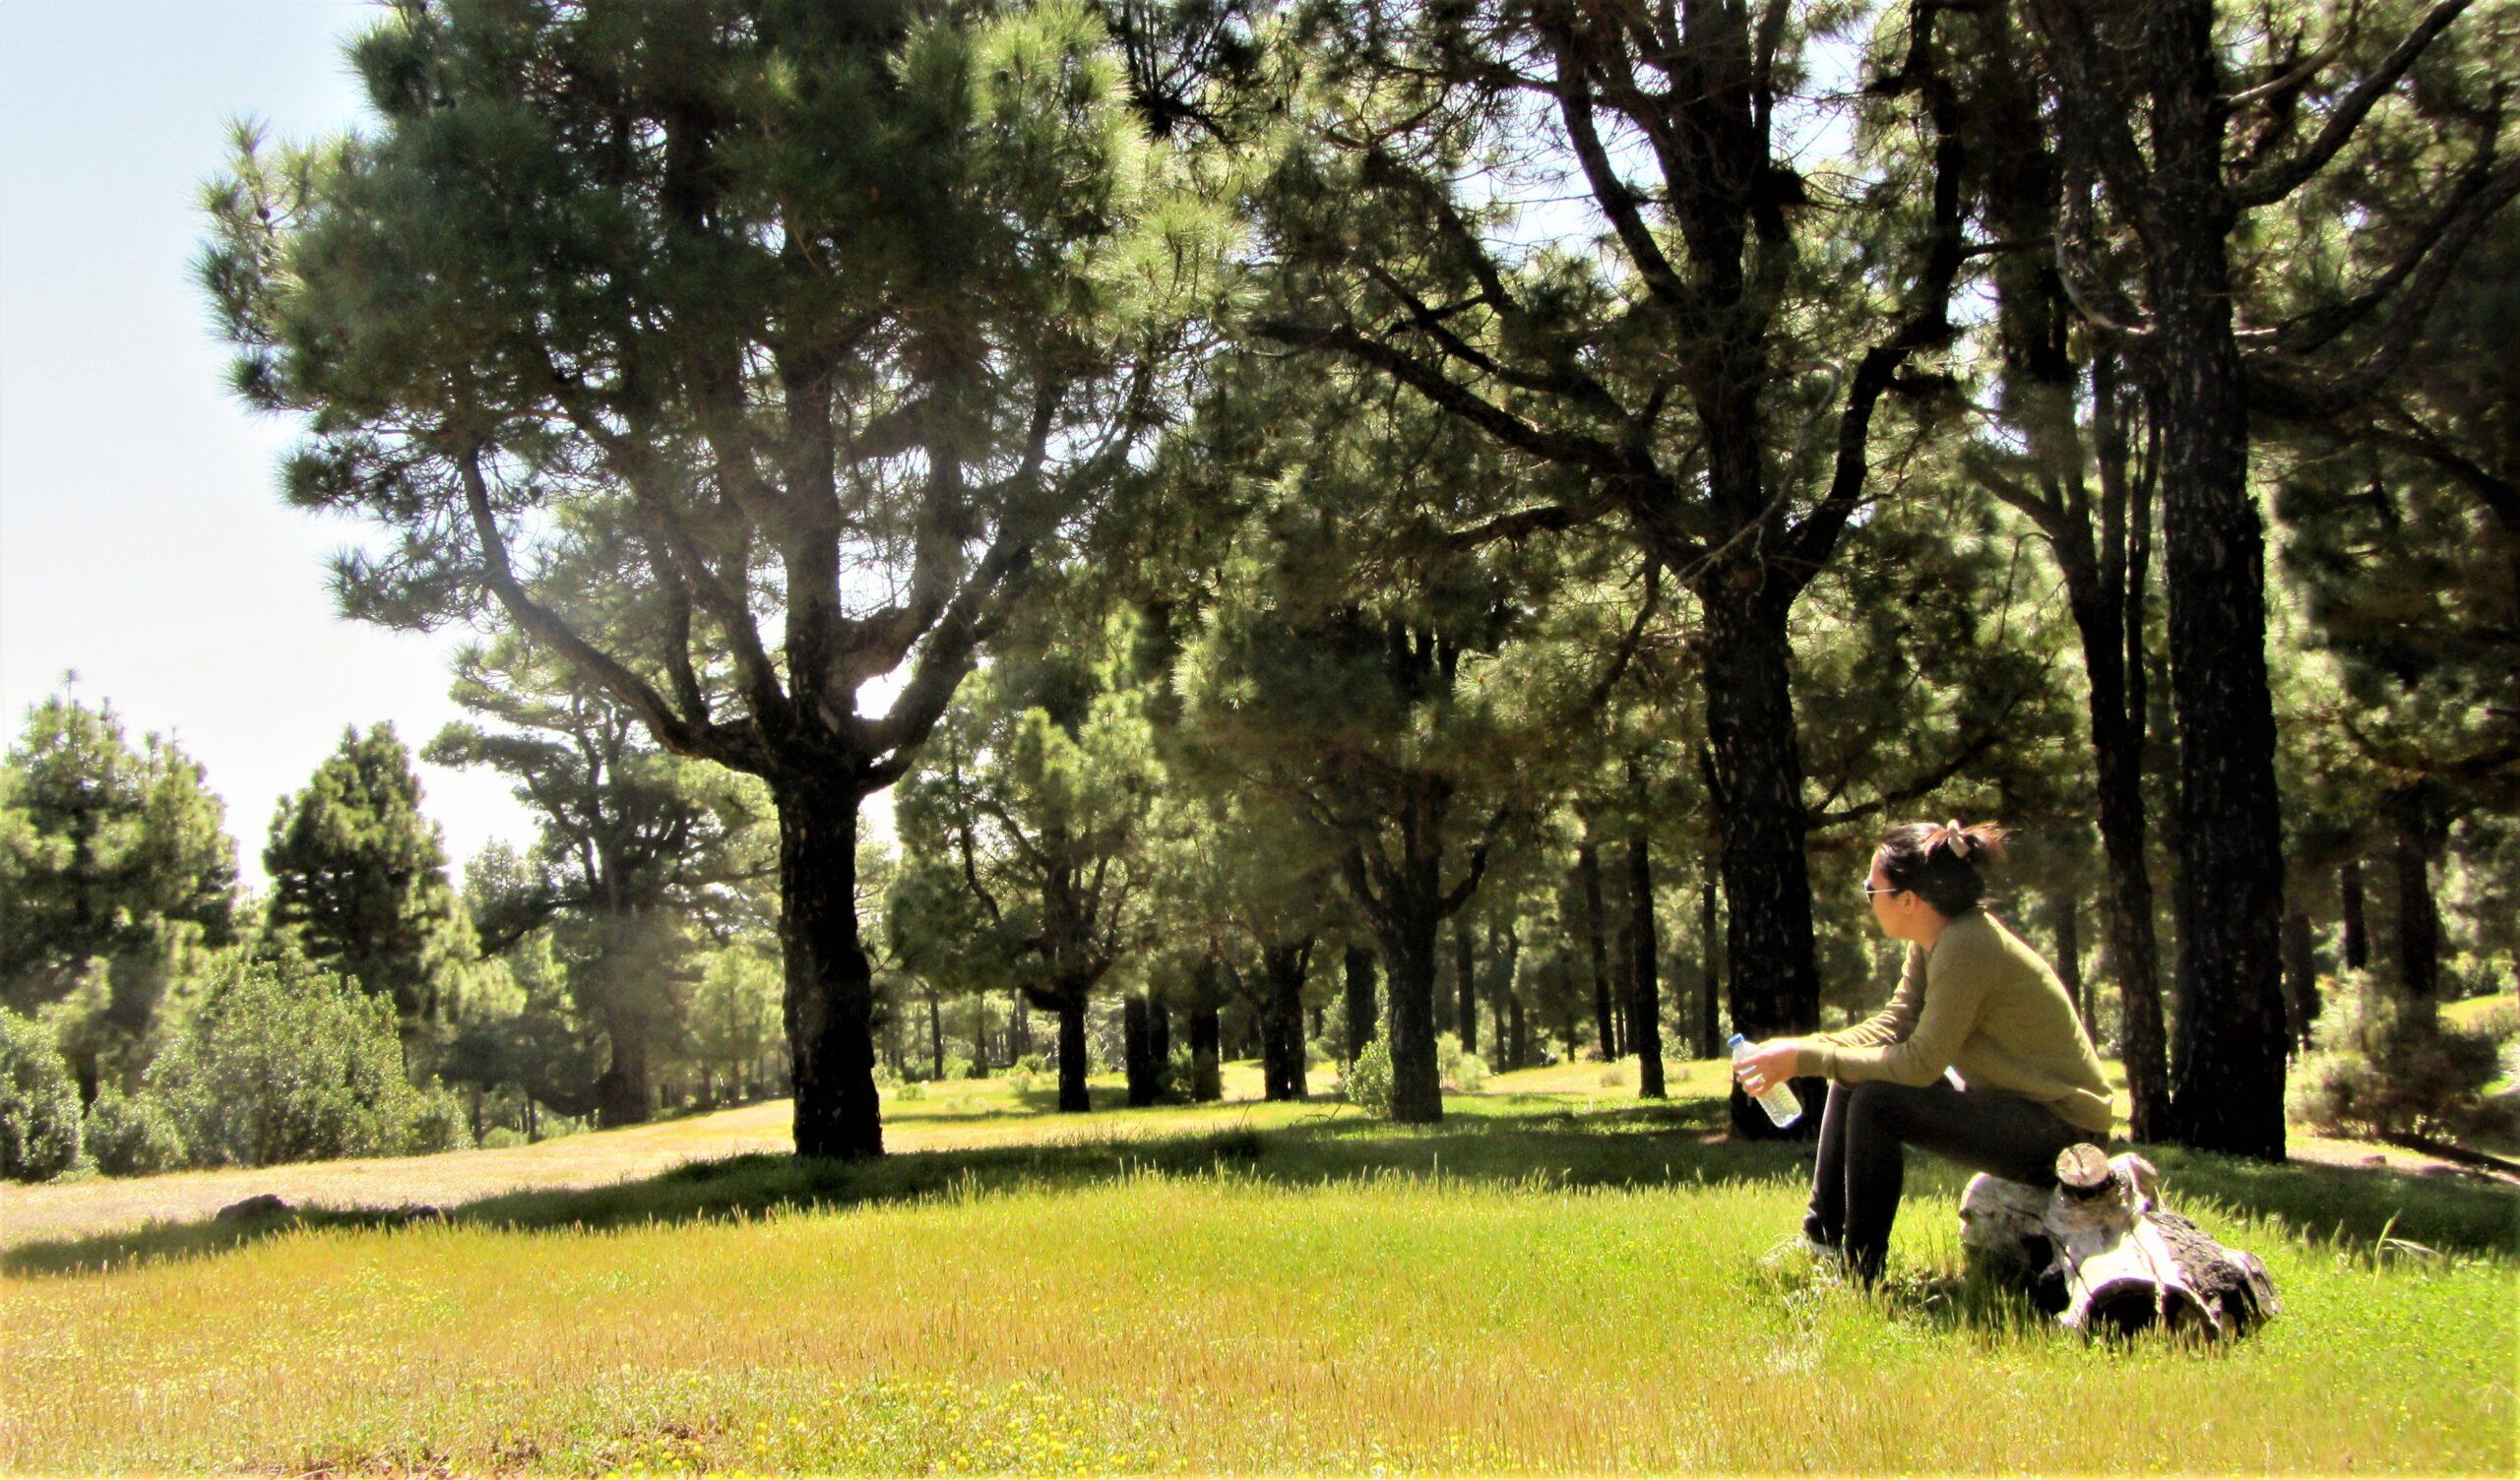 Forest in El Pinar